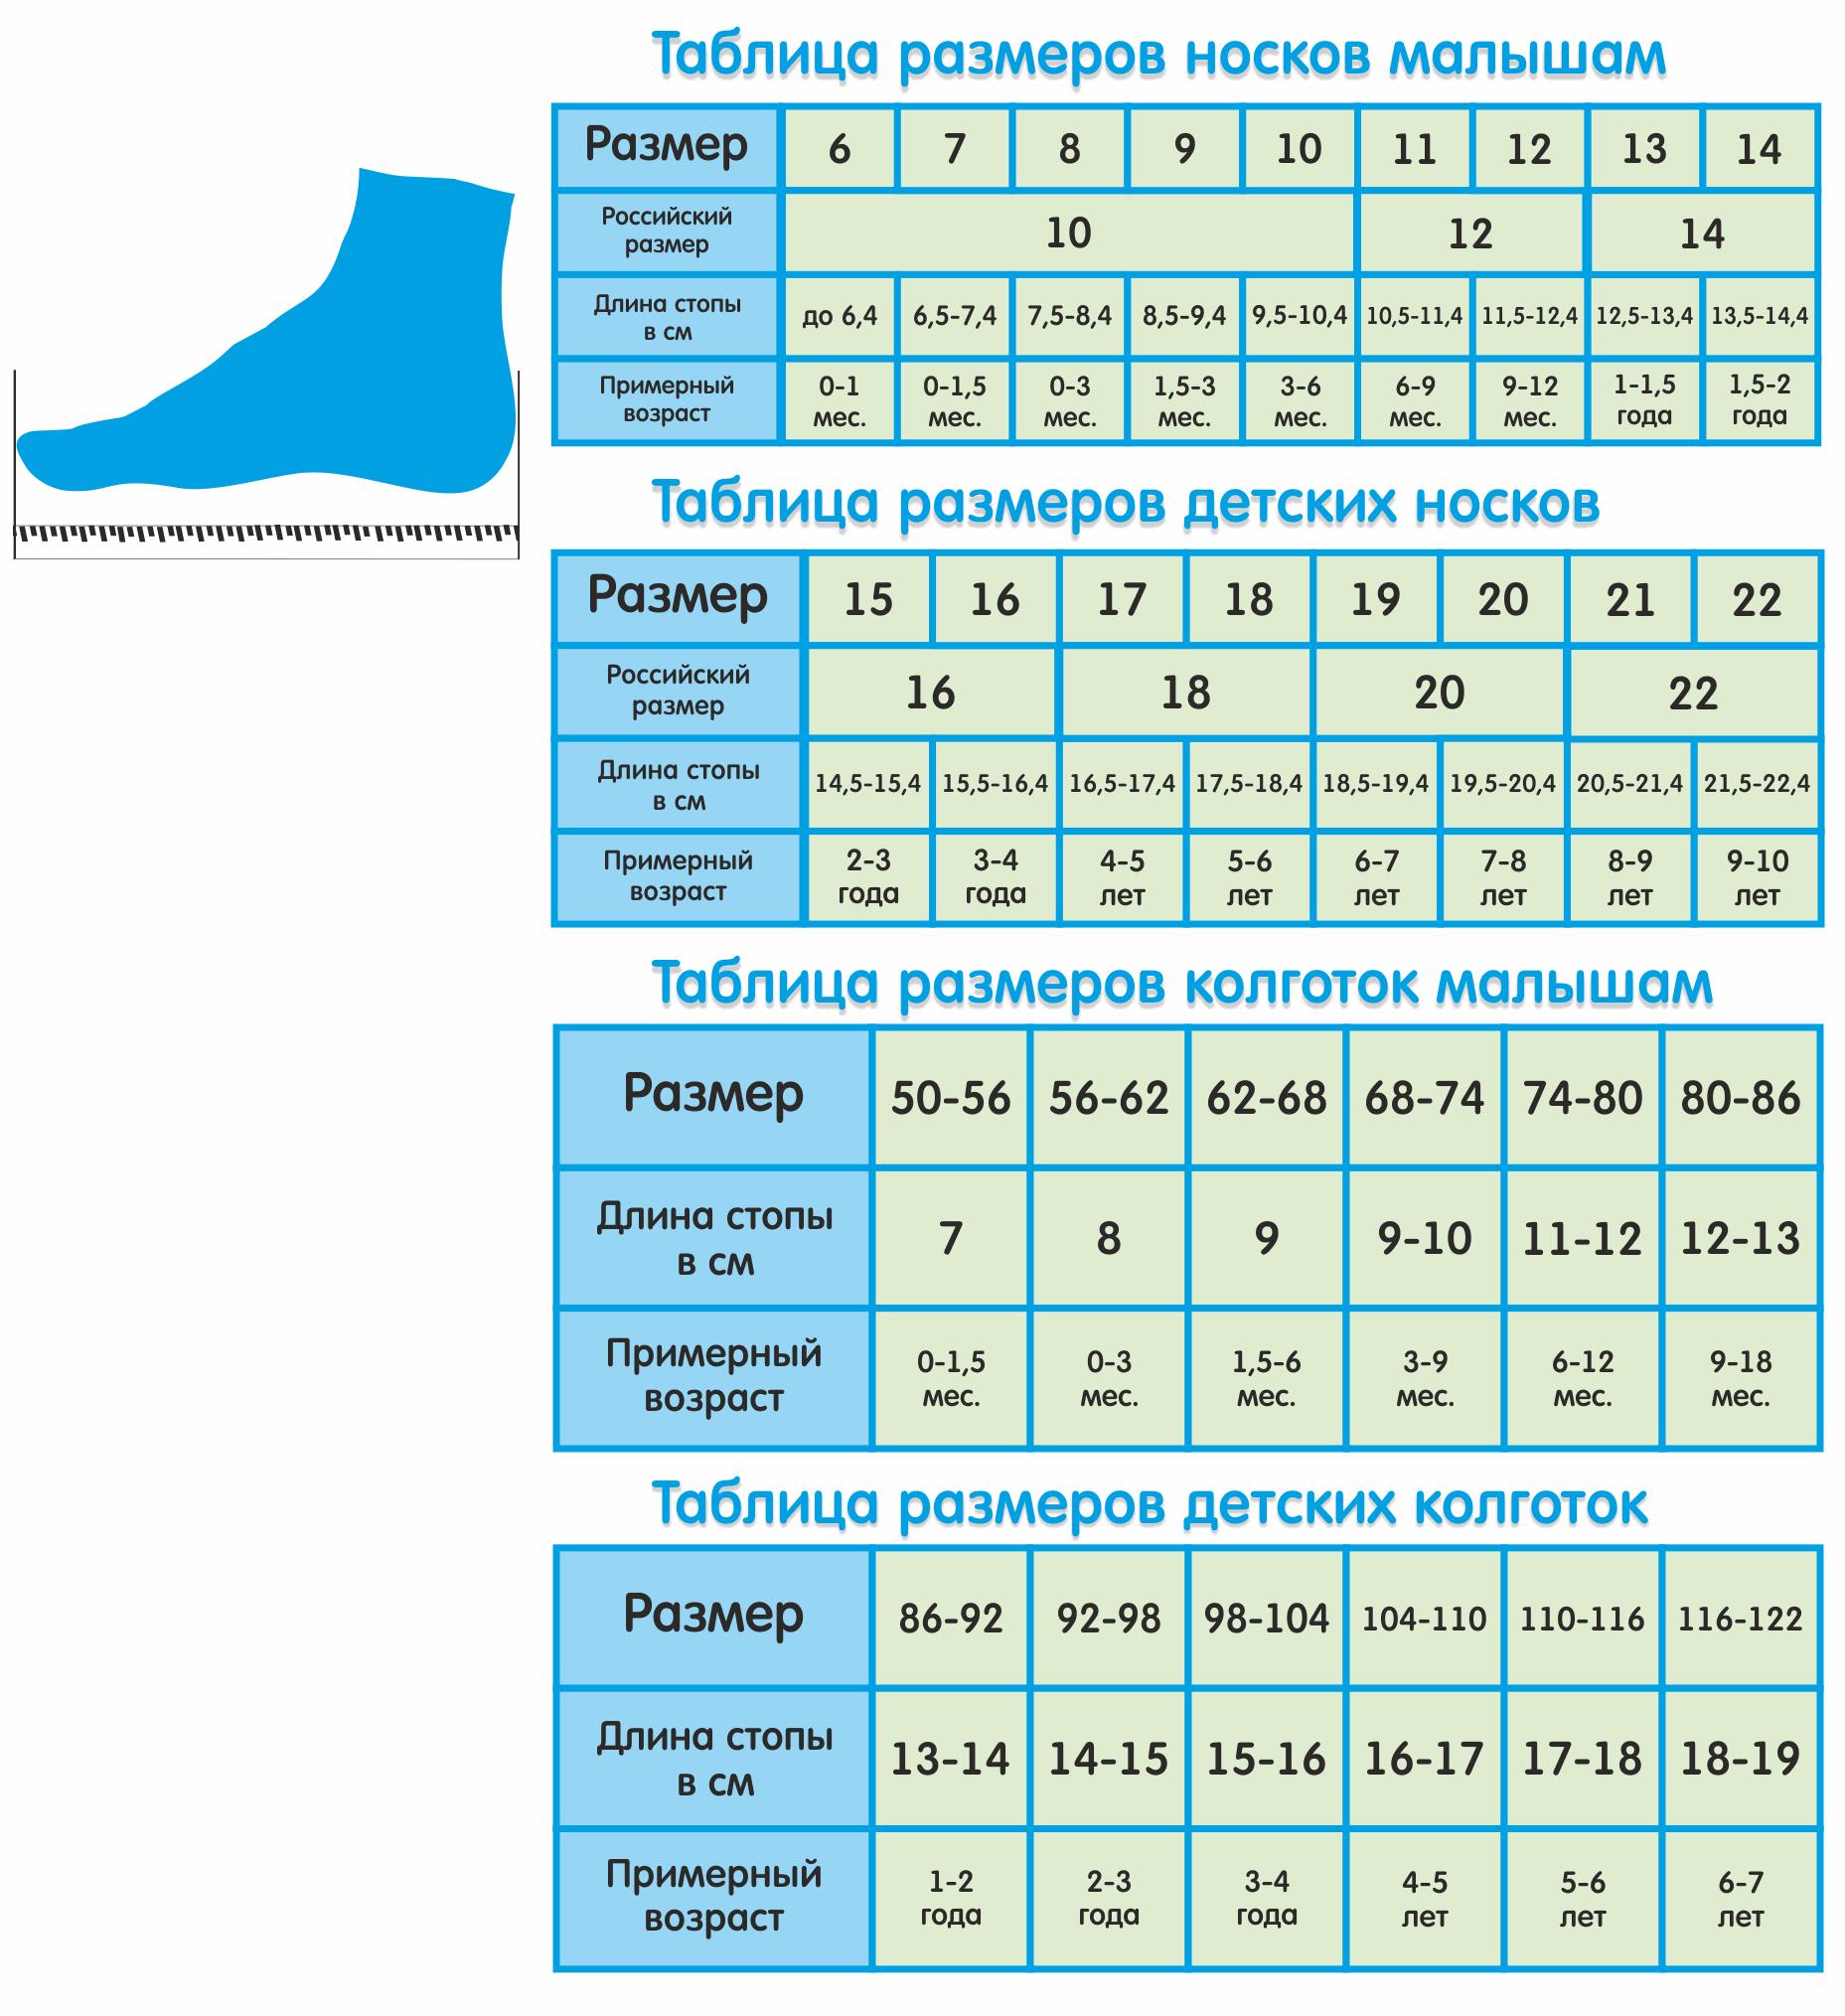 белорусские меховые комбинезоны трансформеры для детей